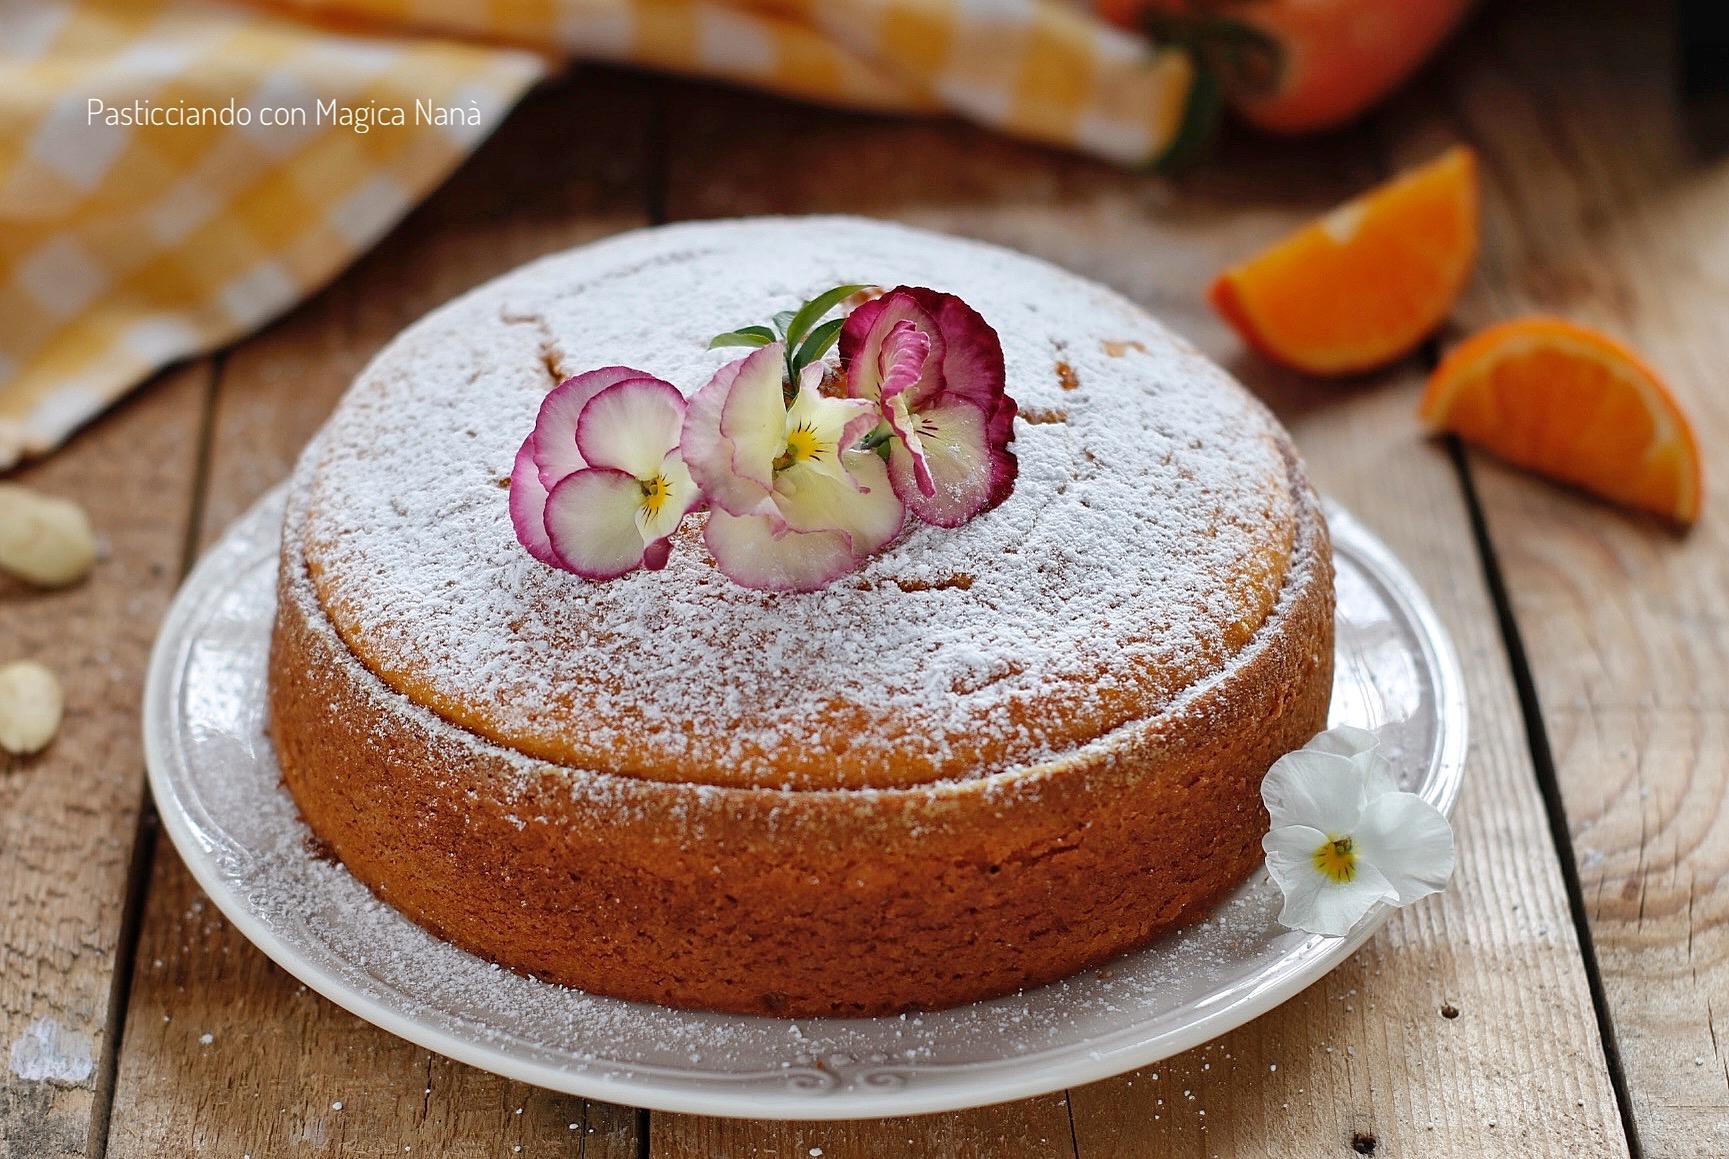 Ricetta torta con mandorle tritate bimby